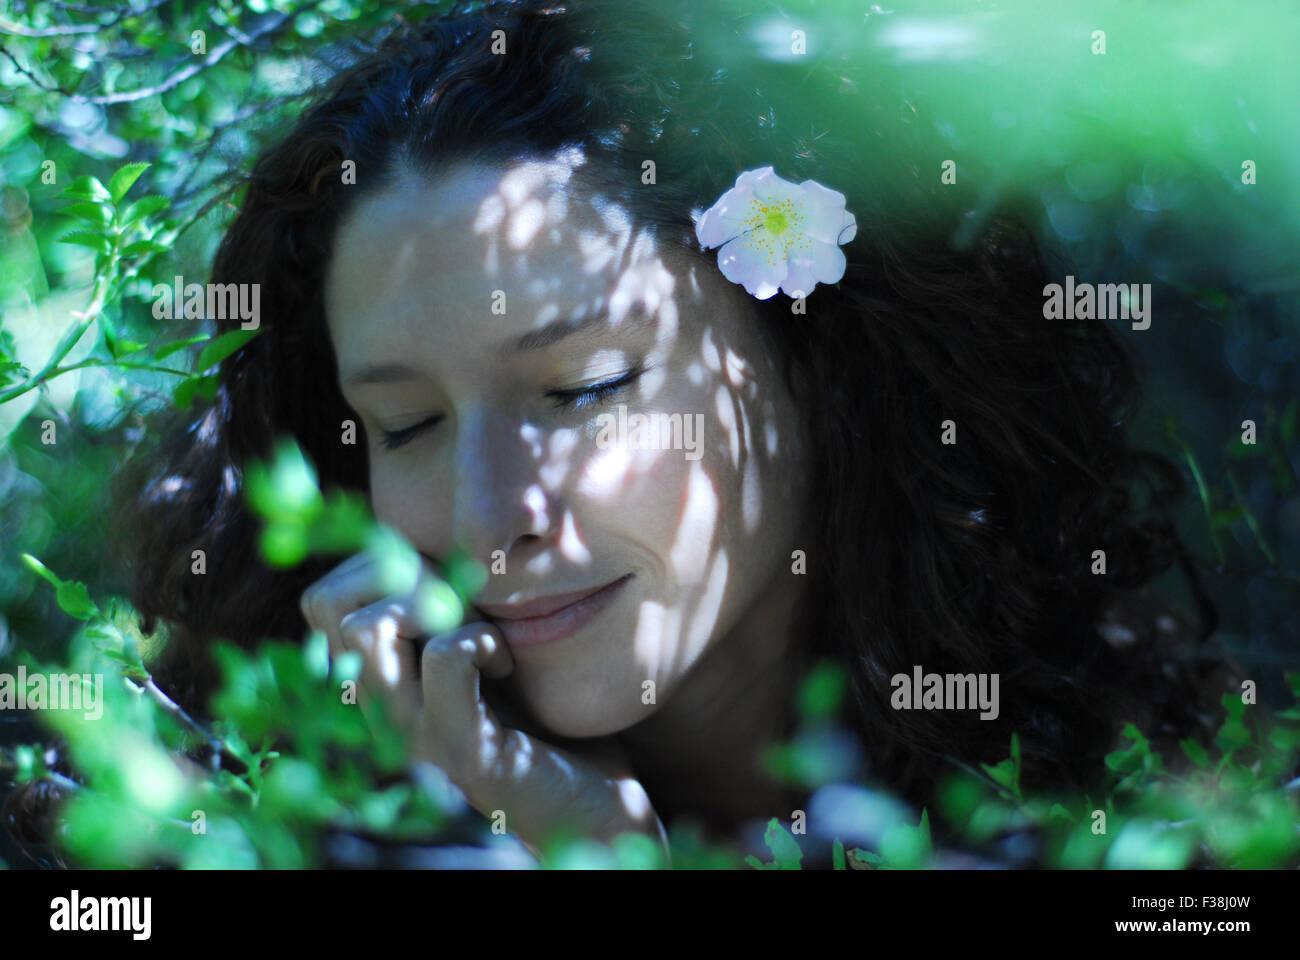 Linda chica entre un montón de hojas verdes con Flor pequeña rosa suave en su cabello rizado Imagen De Stock